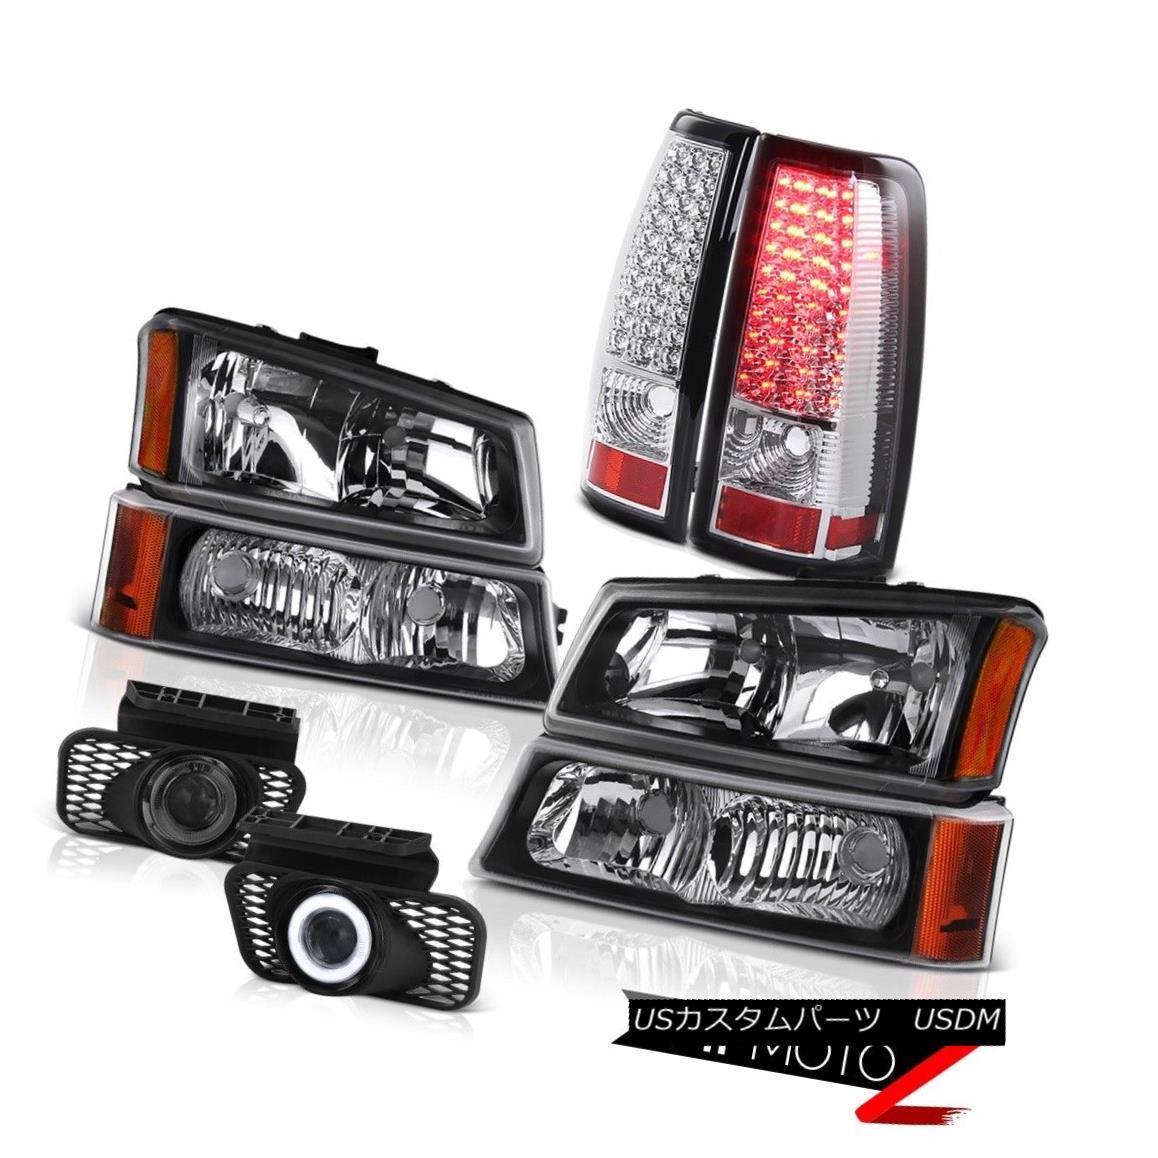 テールライト Black Headlights LED Bulb Brake Tail Light Projector DRL Fog 03-06 Silverado LTZ ブラックヘッドライトLEDバルブブレーキテールライトプロジェクターDRL Fog 03-06 Silverado LTZ